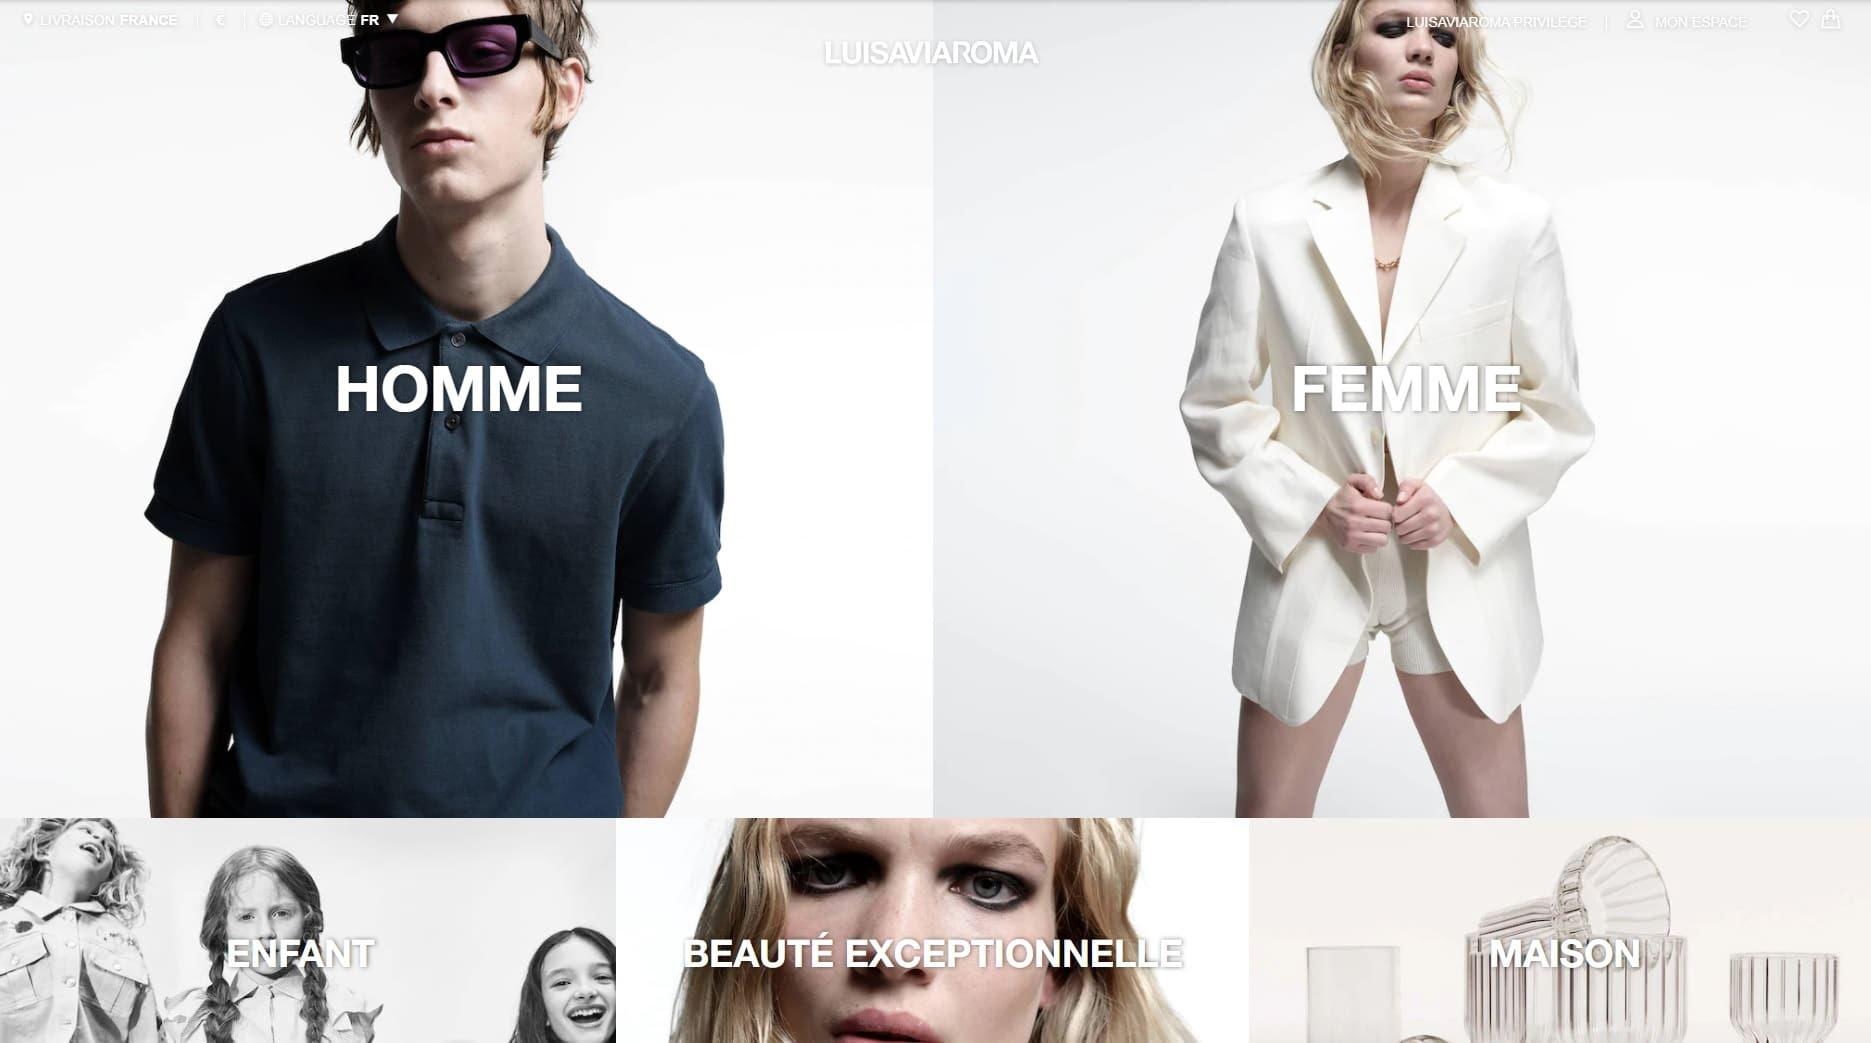 Meilleurs sites de mode homme - LuisaViaRoma